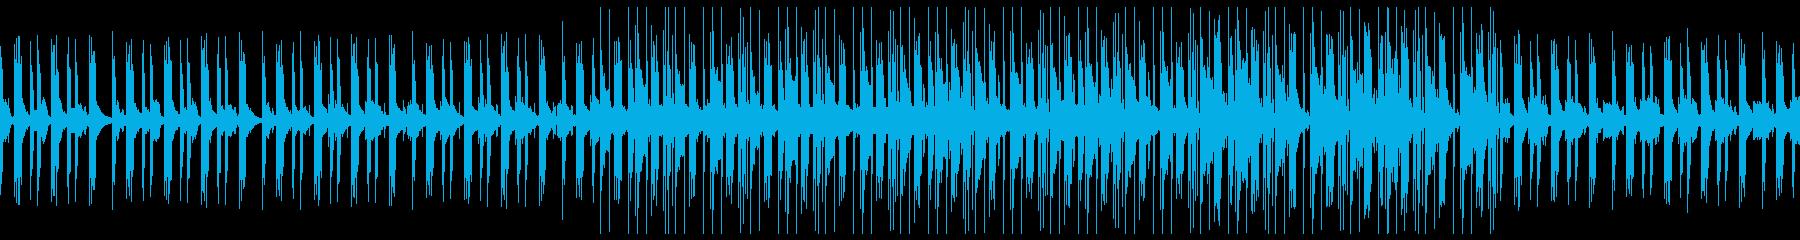 幻想的なLofi Hiphopの再生済みの波形